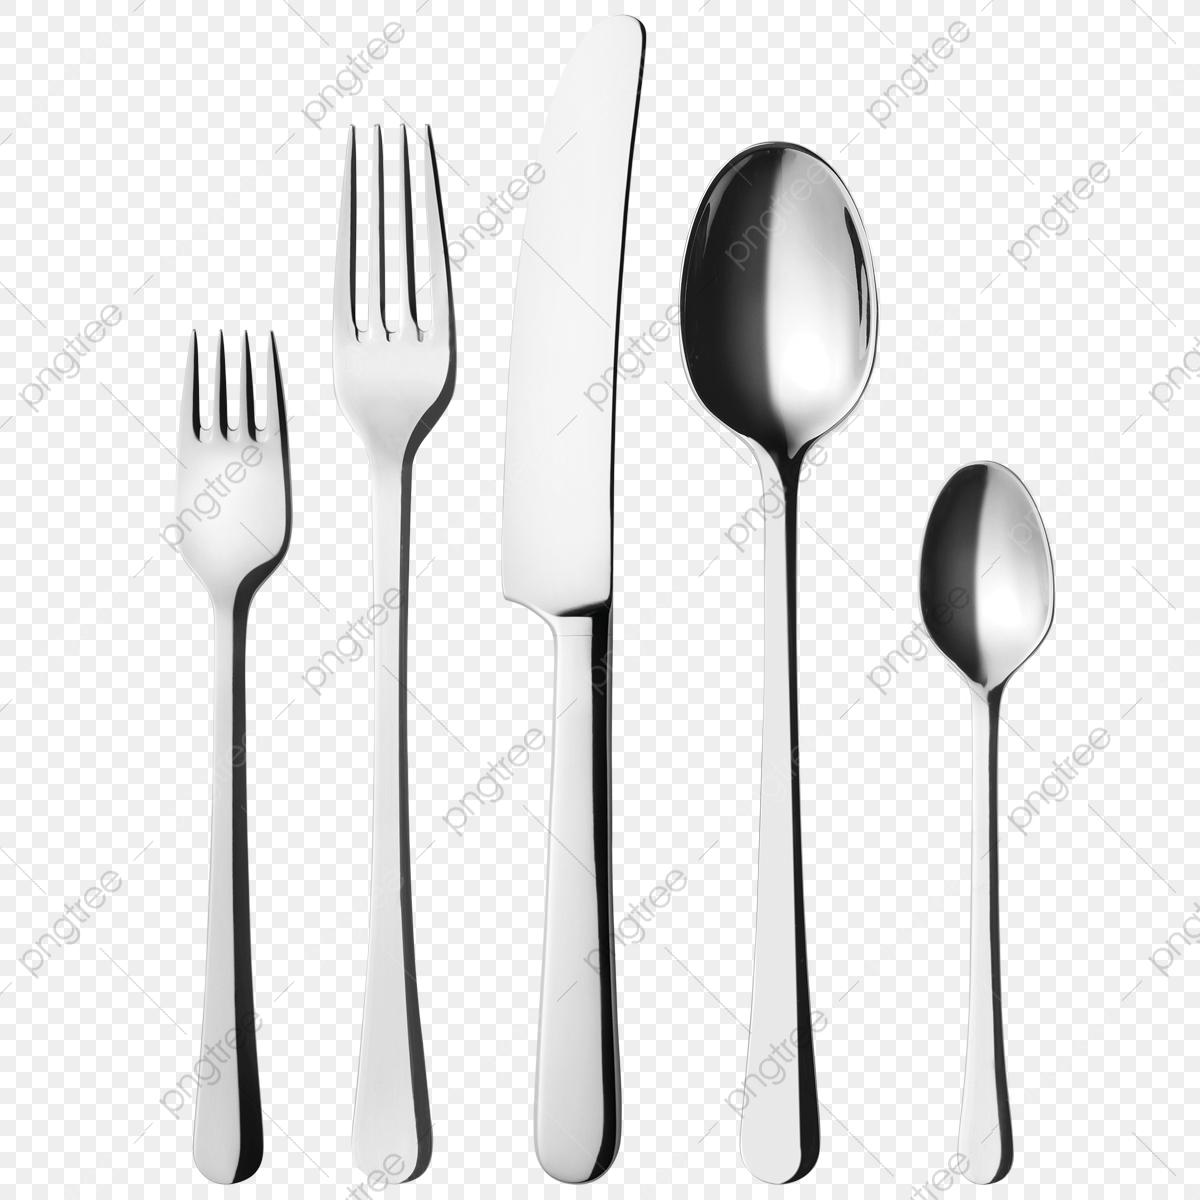 Juego De Cubiertos, Cubiertos De Acero Inoxidable, Cuchara, Fork.